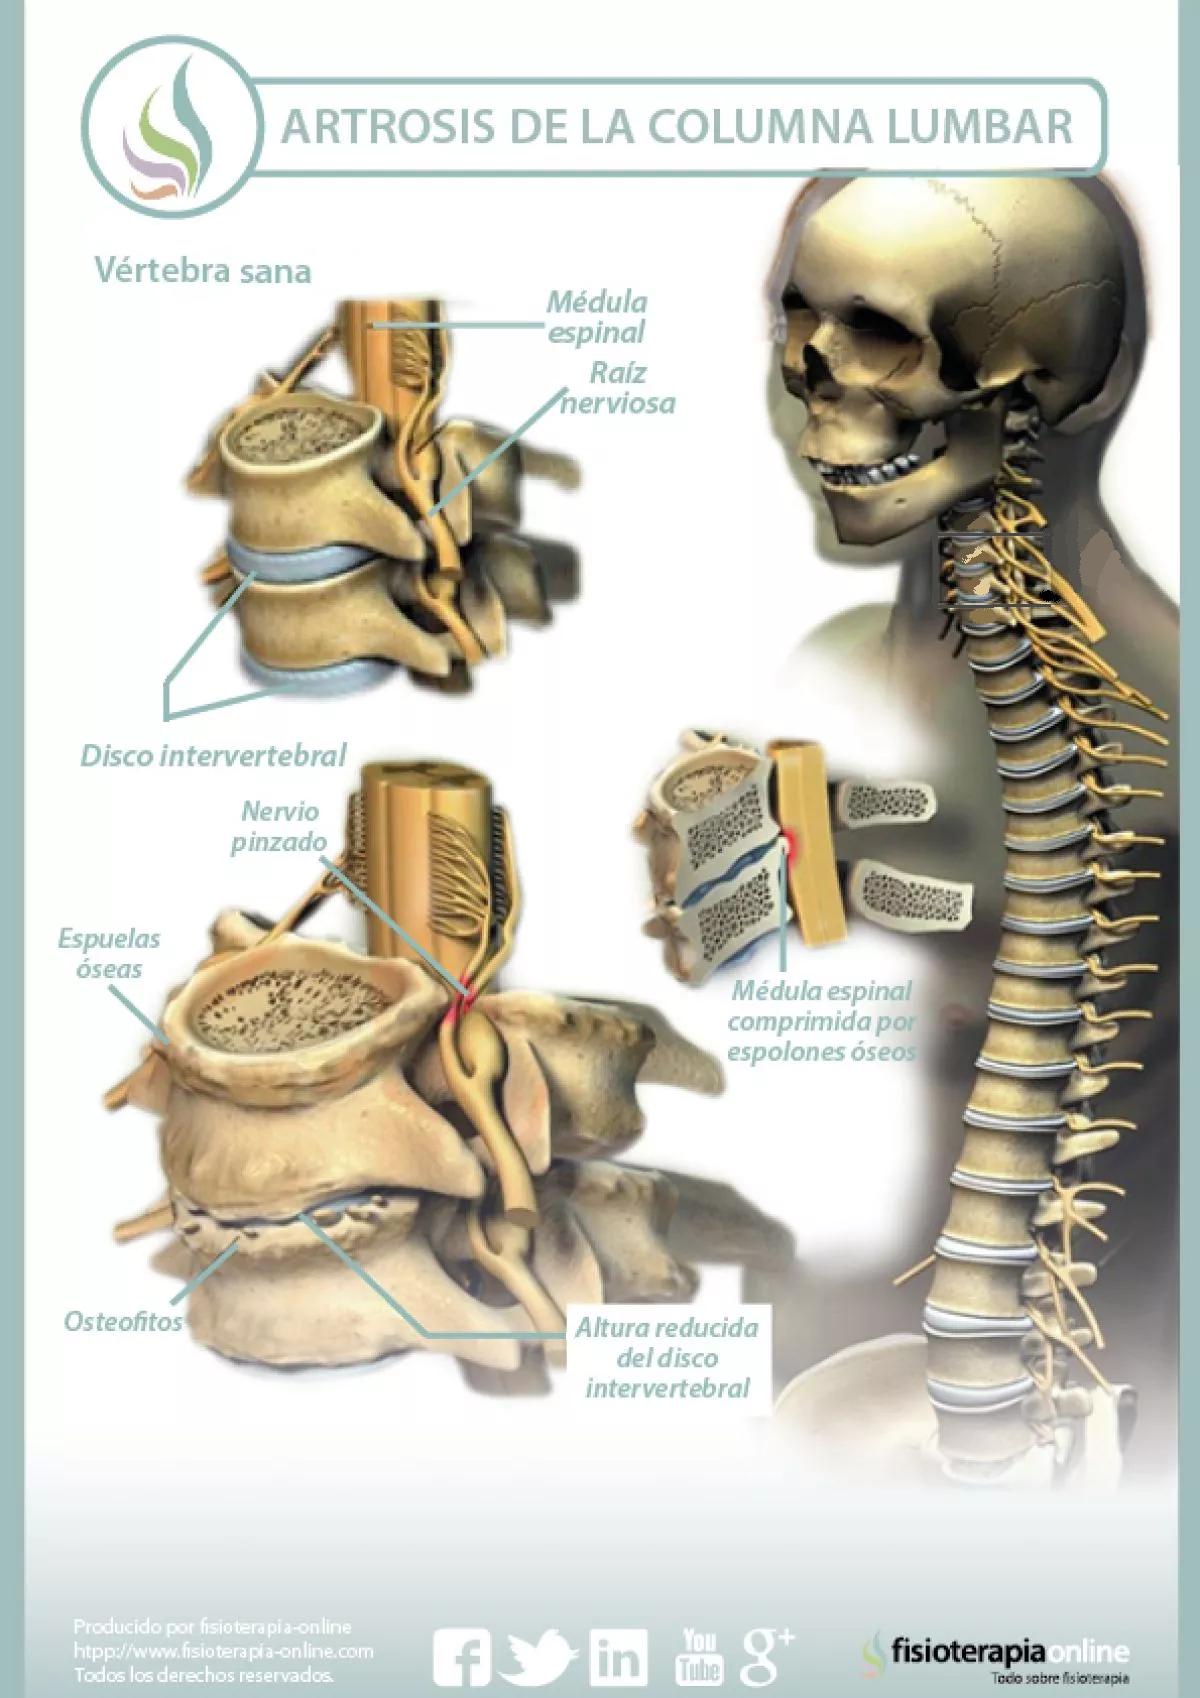 artrosis lumbar